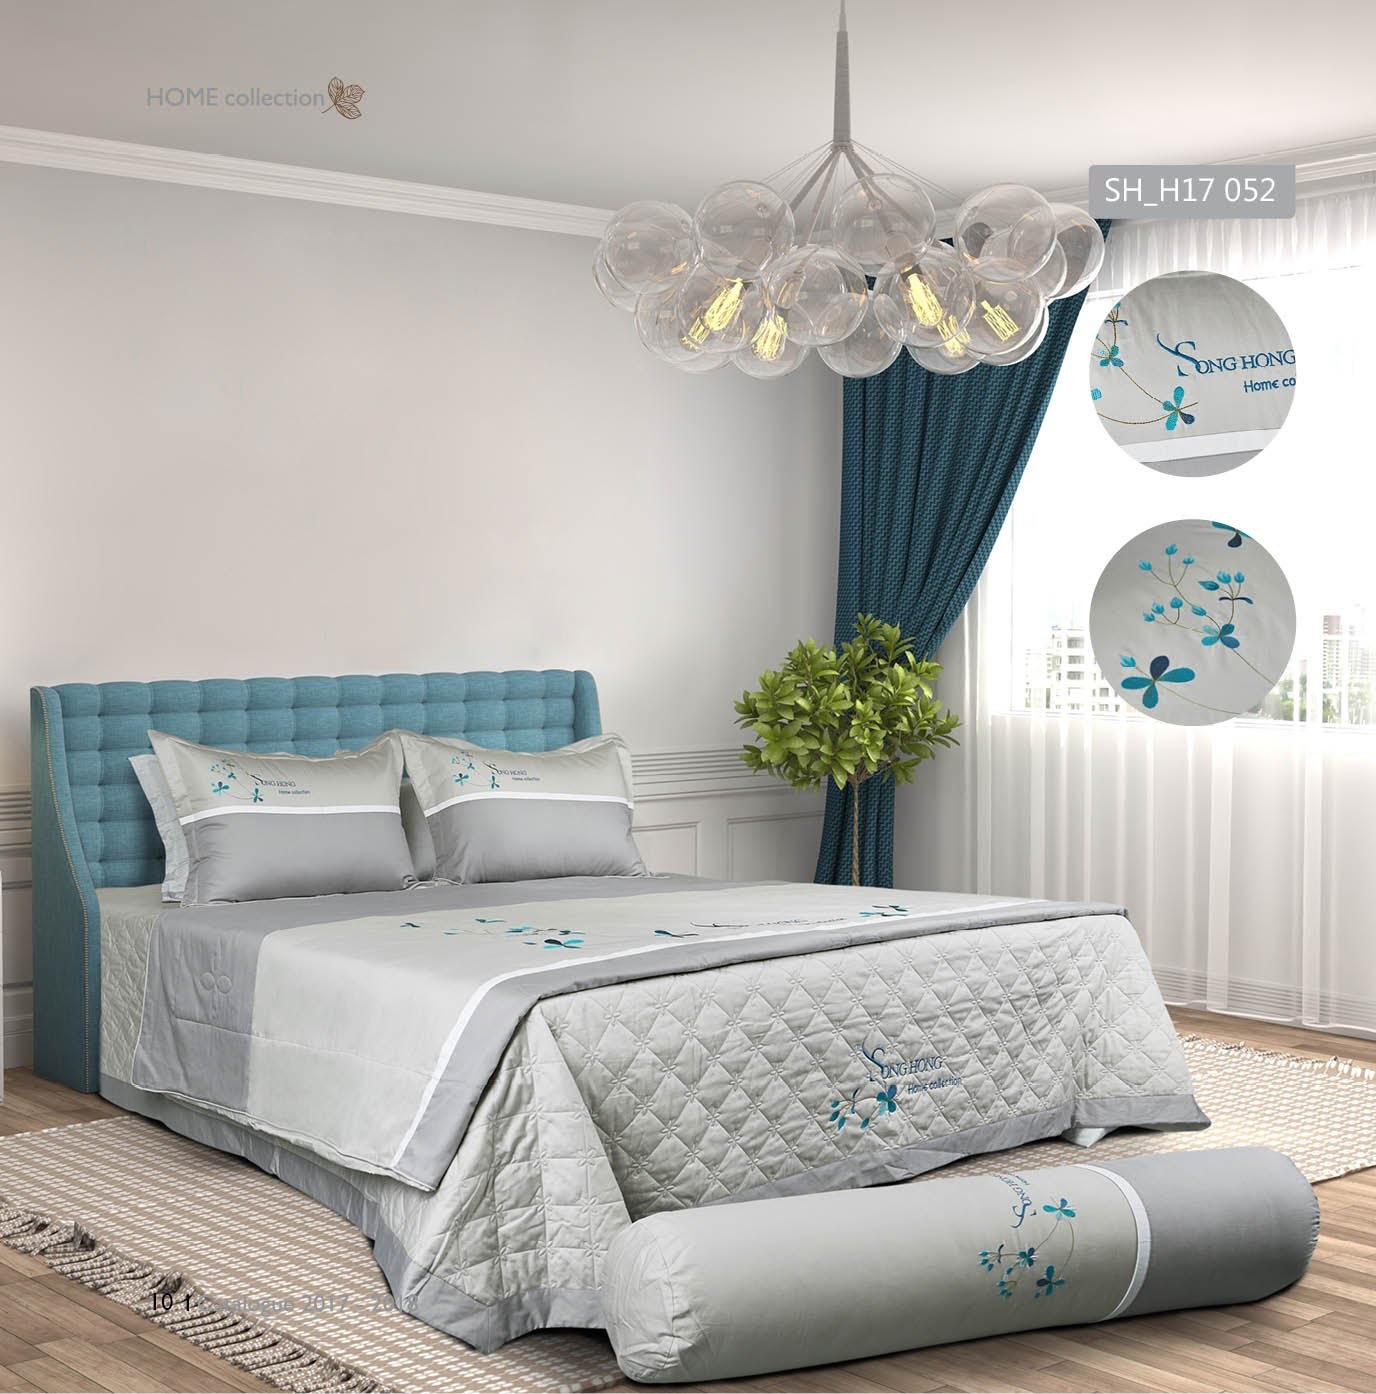 Mua sắm đồ dùng phòng ngủ, cần gì thương hiệu nước ngoài khi hàng Việt Nam đã xịn thế này - Ảnh 2.